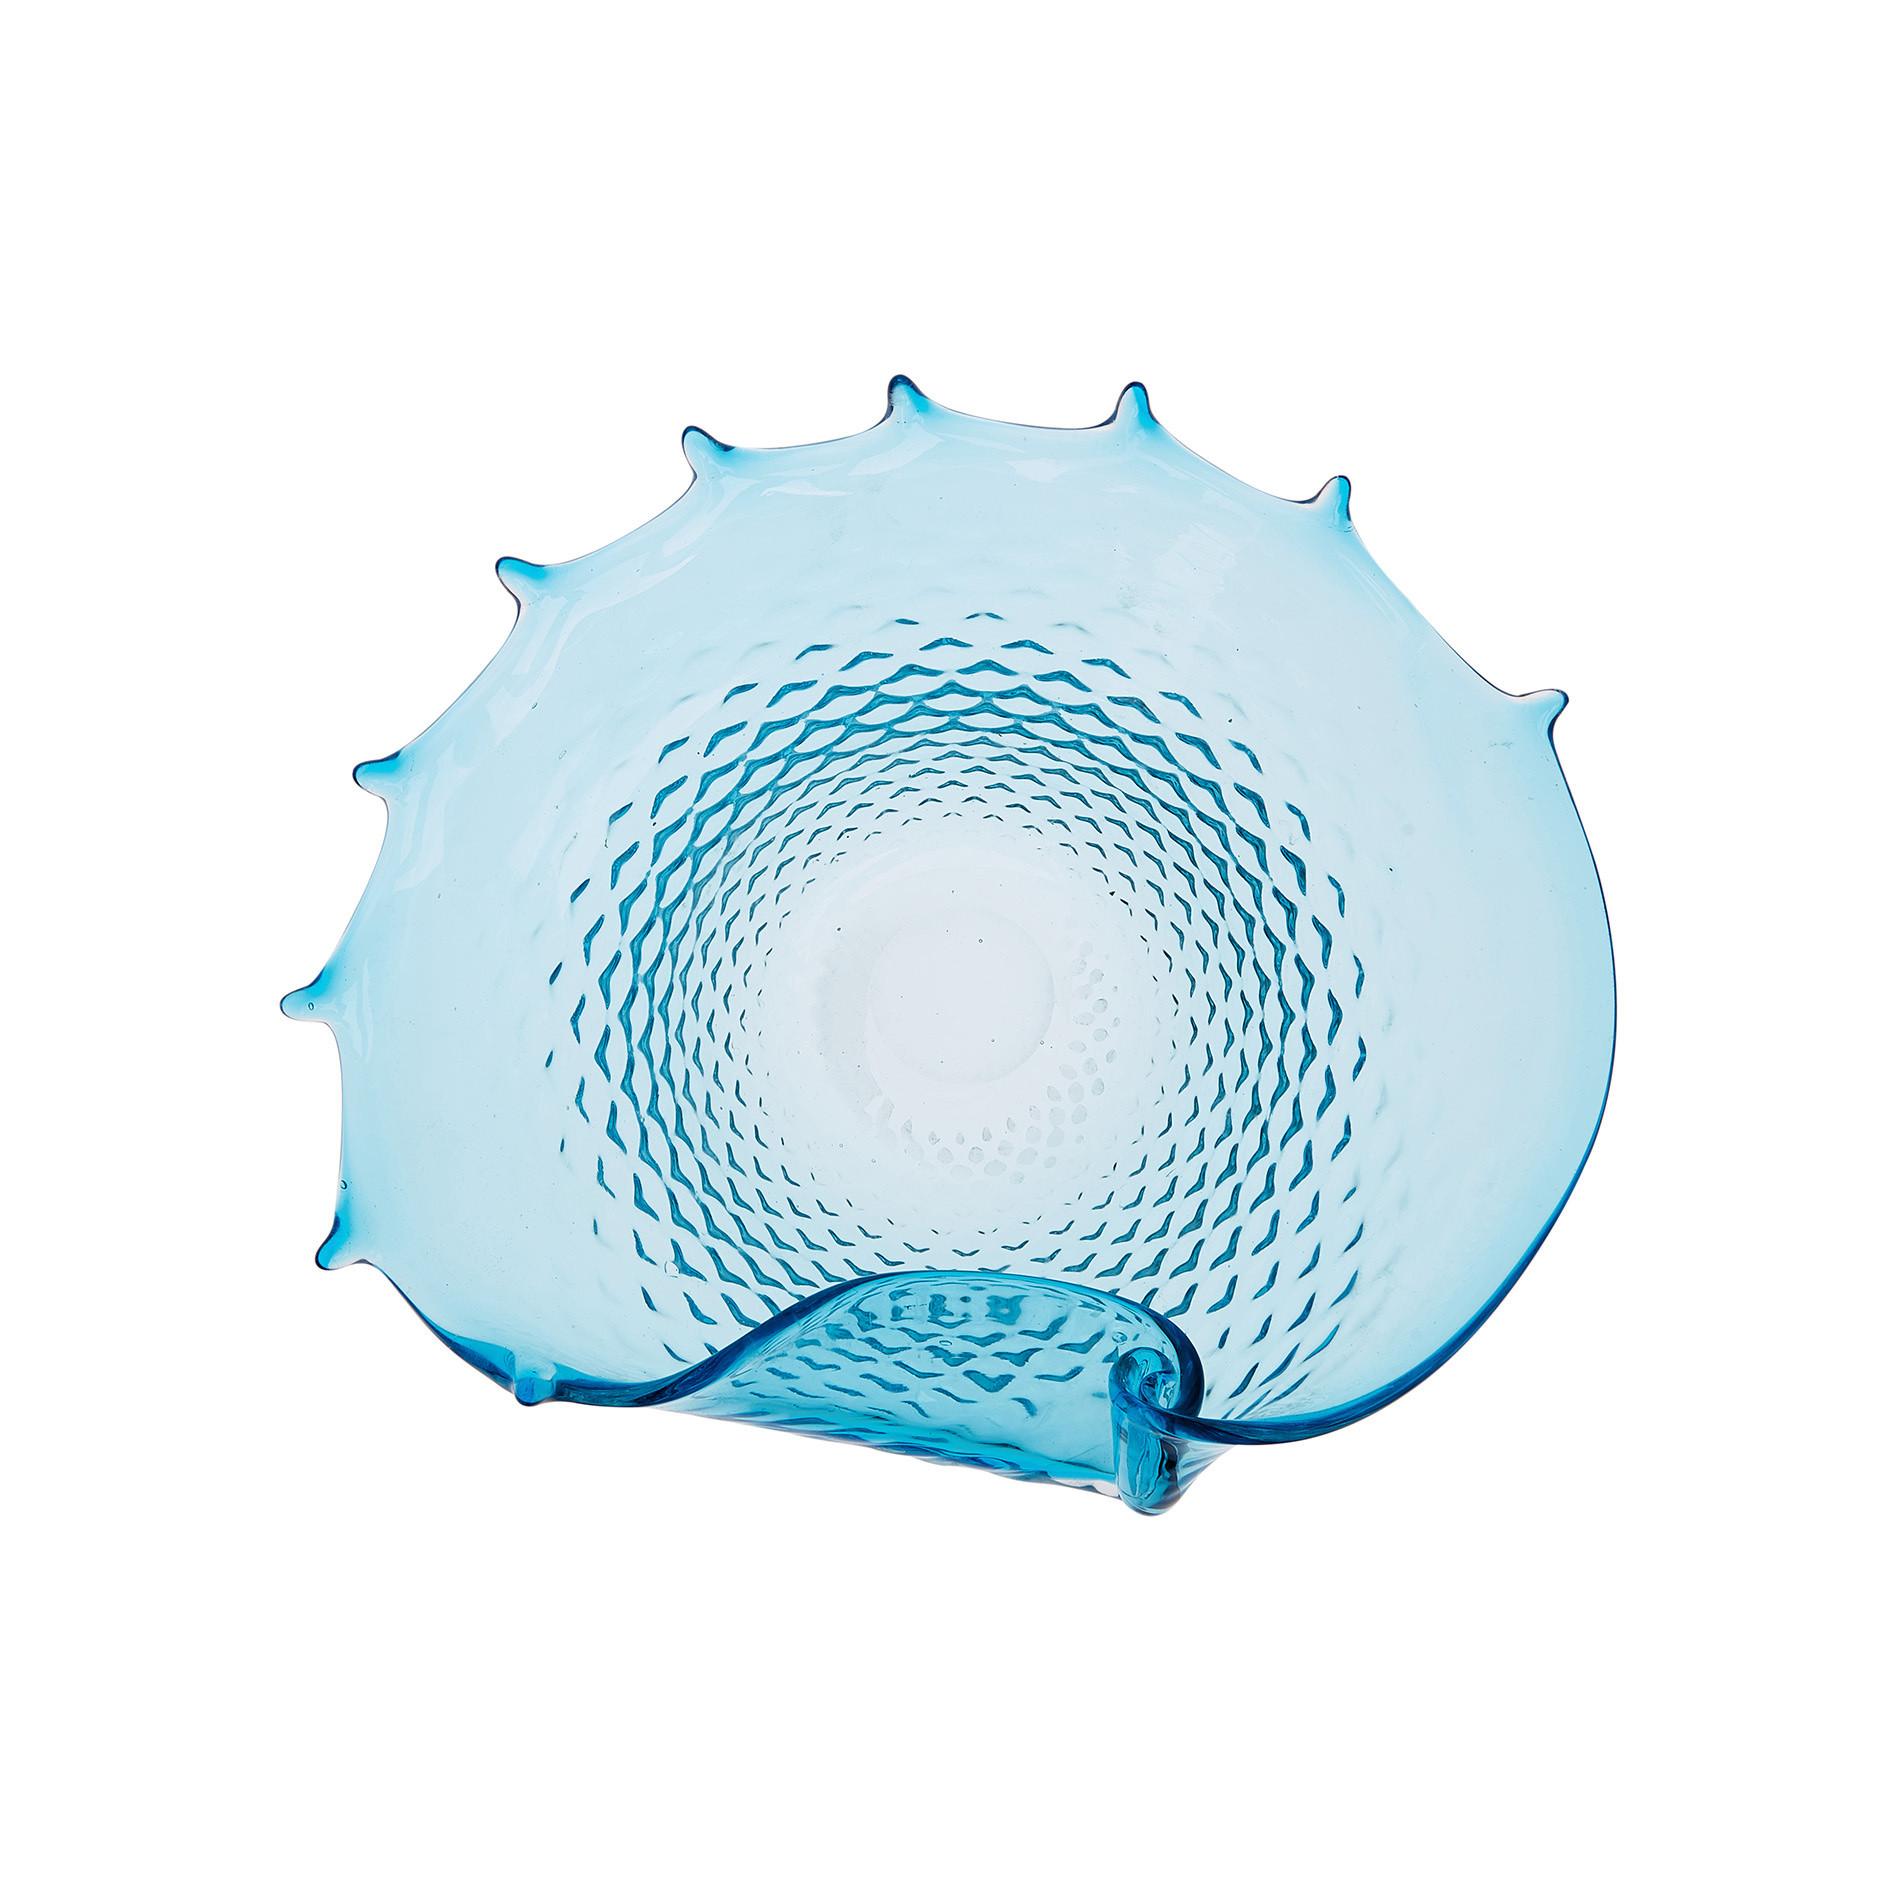 Conchiglia decorativa vetro colorato in pasta, Trasparente, large image number 0